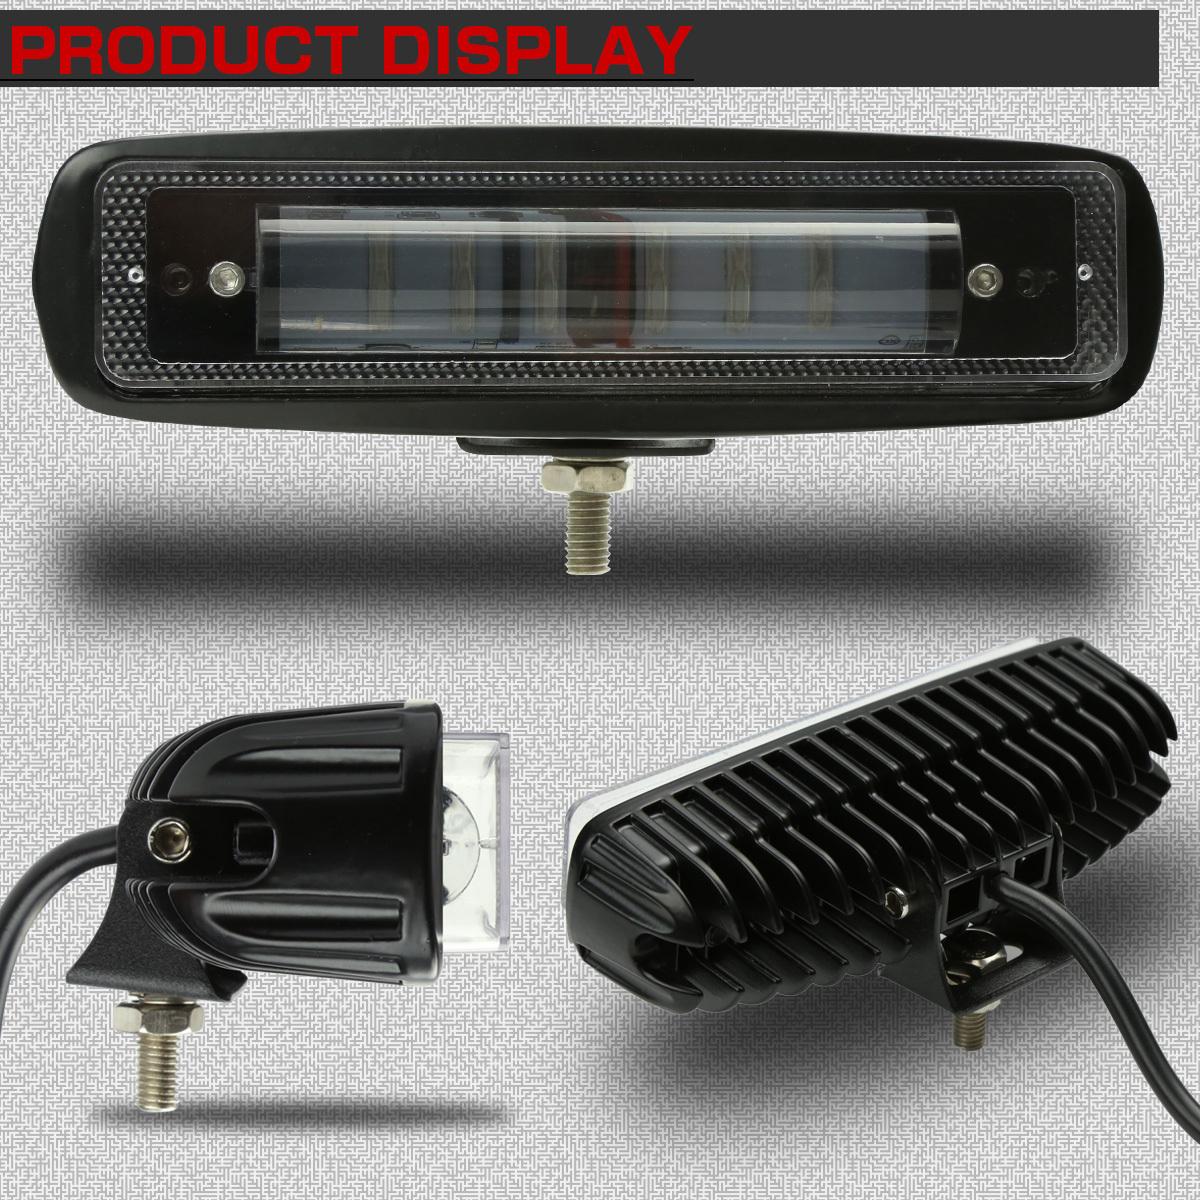 進入禁止区域 LED 警告灯 ブルー ゾーン ビームライト フォークリフト レッカー車 重機の安全管理に 作業灯 12V-80V P-453-B_画像3